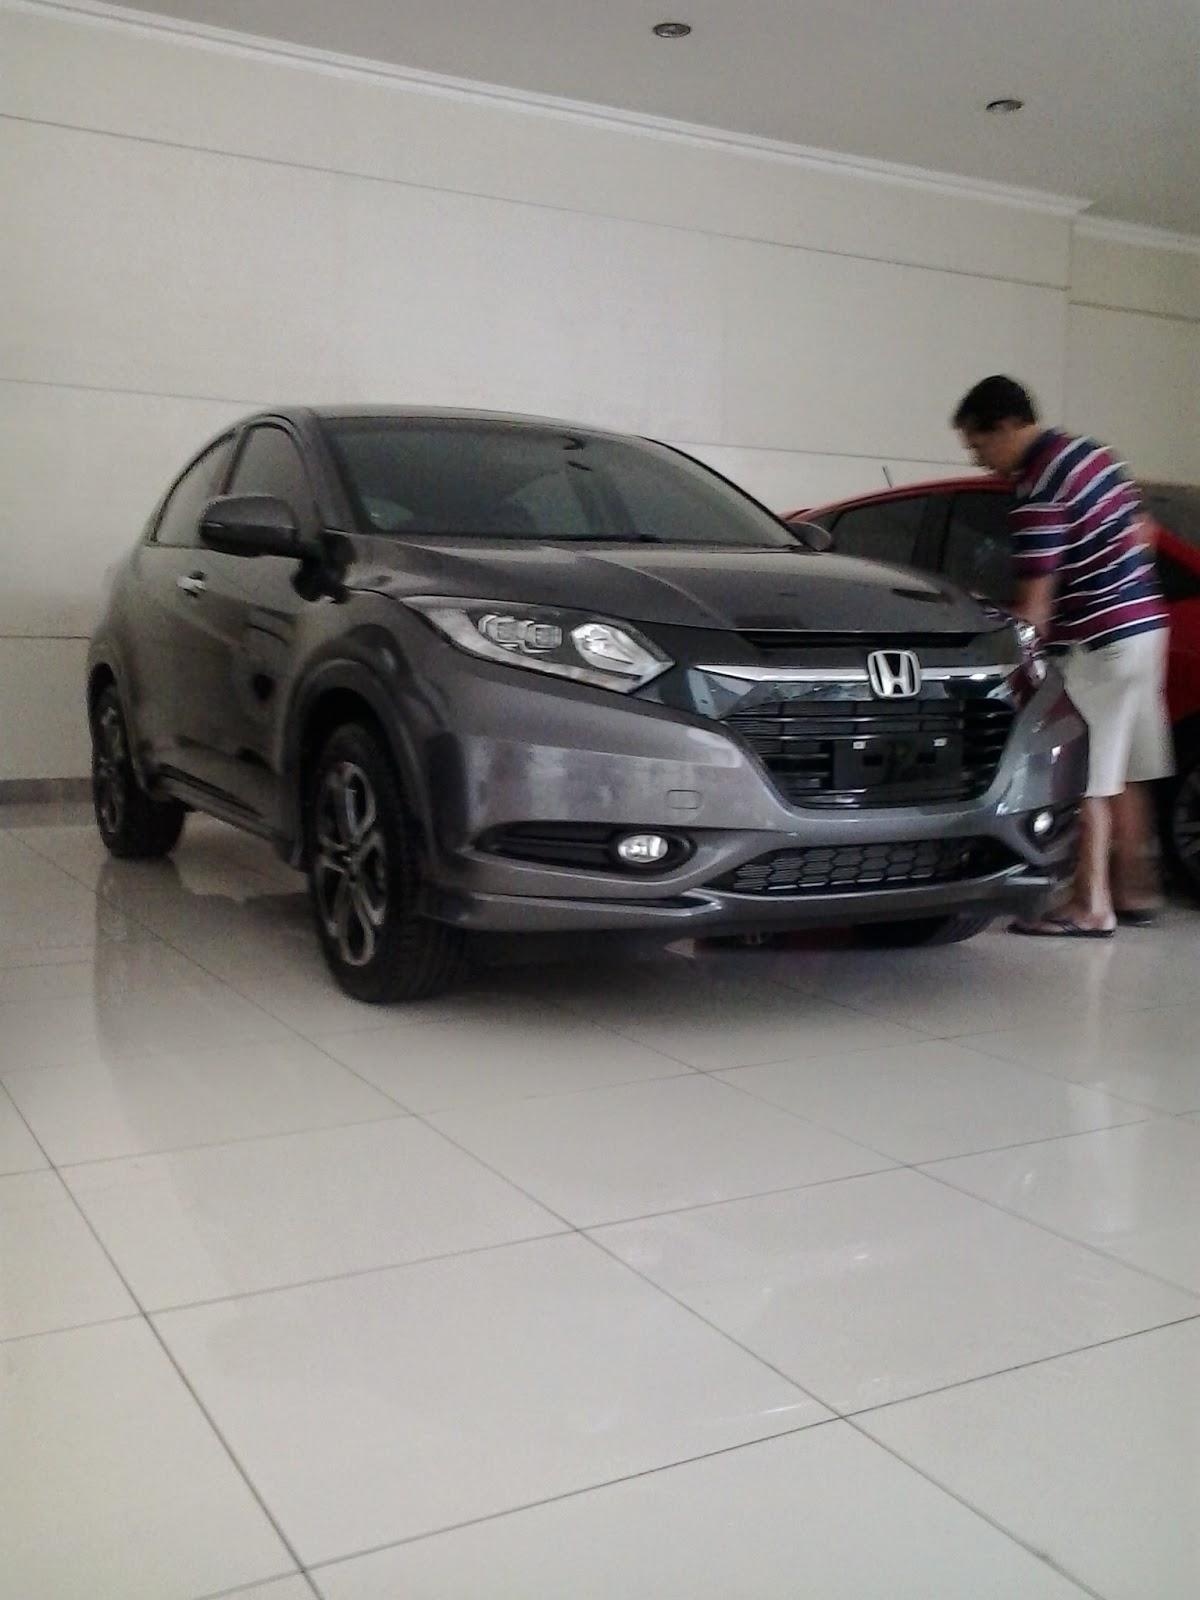 Honda Bekasi | Marketing Sales | Informasi Daftar Harga Mobil Honda Terbaru Juni 2017